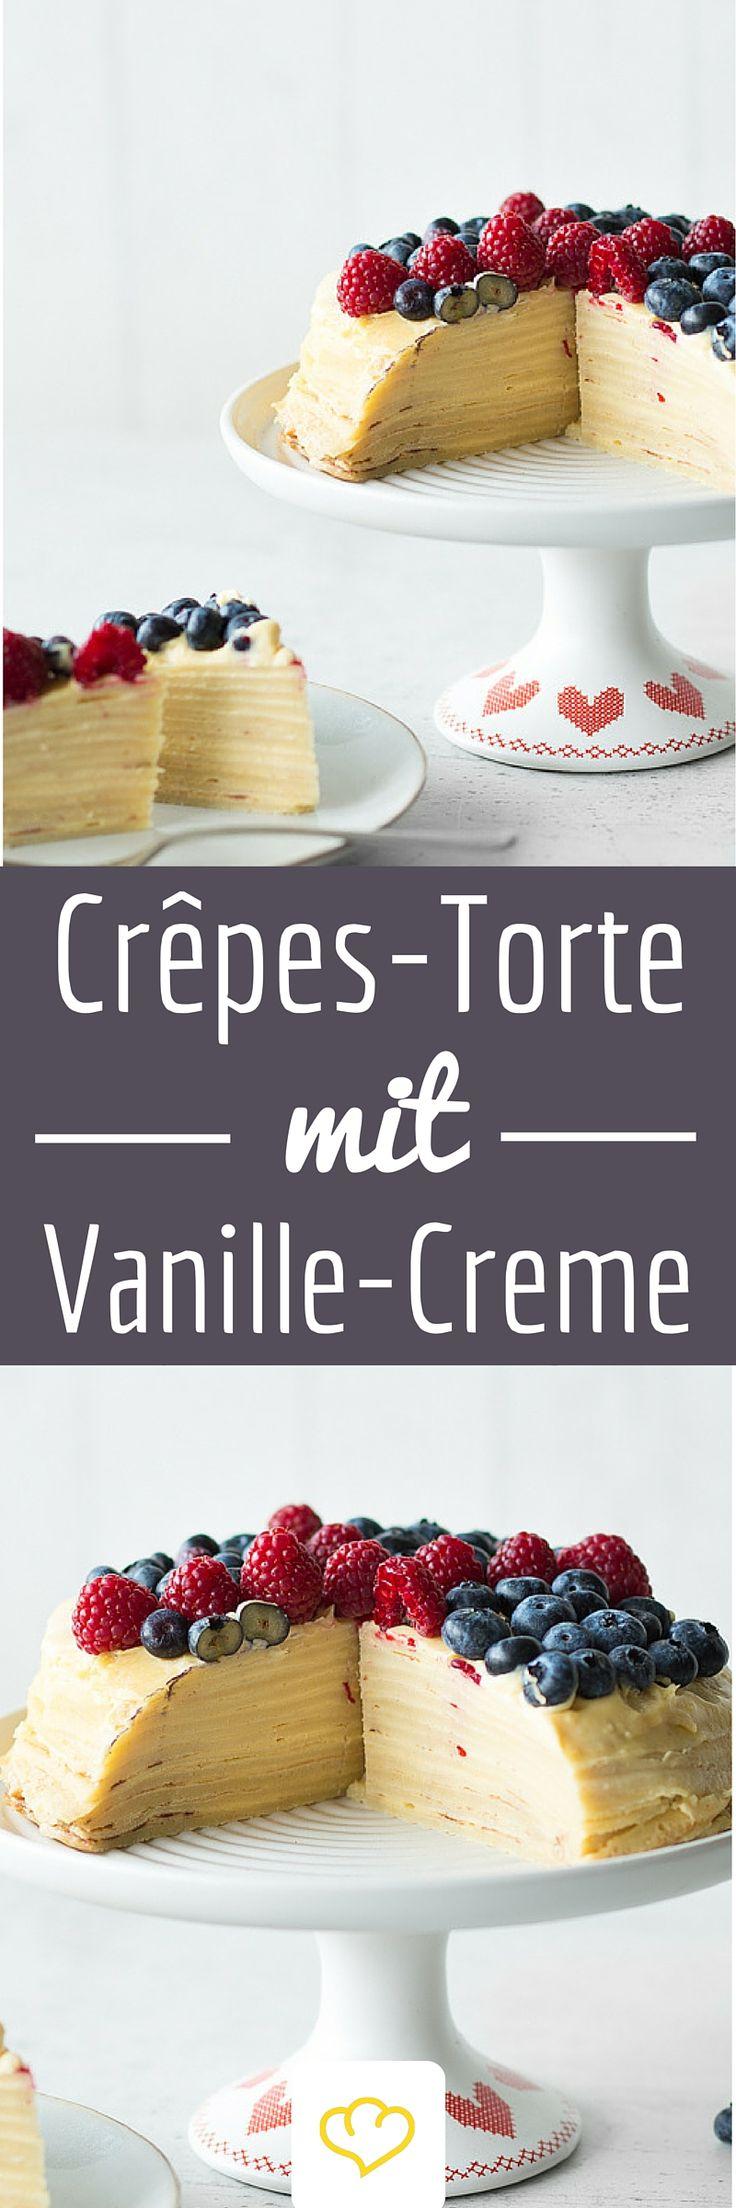 Crêpes-Torte mit Vanille-Creme und Beeren. Wenn du auch der Meinung bist, dass man von Pfannkuchen einfach nicht genug bekommen kann, dann bist du 1. nicht allein und hast 2. endlich deinen Pfannkuchentraum gefunden. Nicht einer, nicht zwei, gleich ein ganzer Pfannkuchenturm in Form einer hübschen Torte legt beim Kaffeeklatsch einen ordentlichen Auftritt hin.